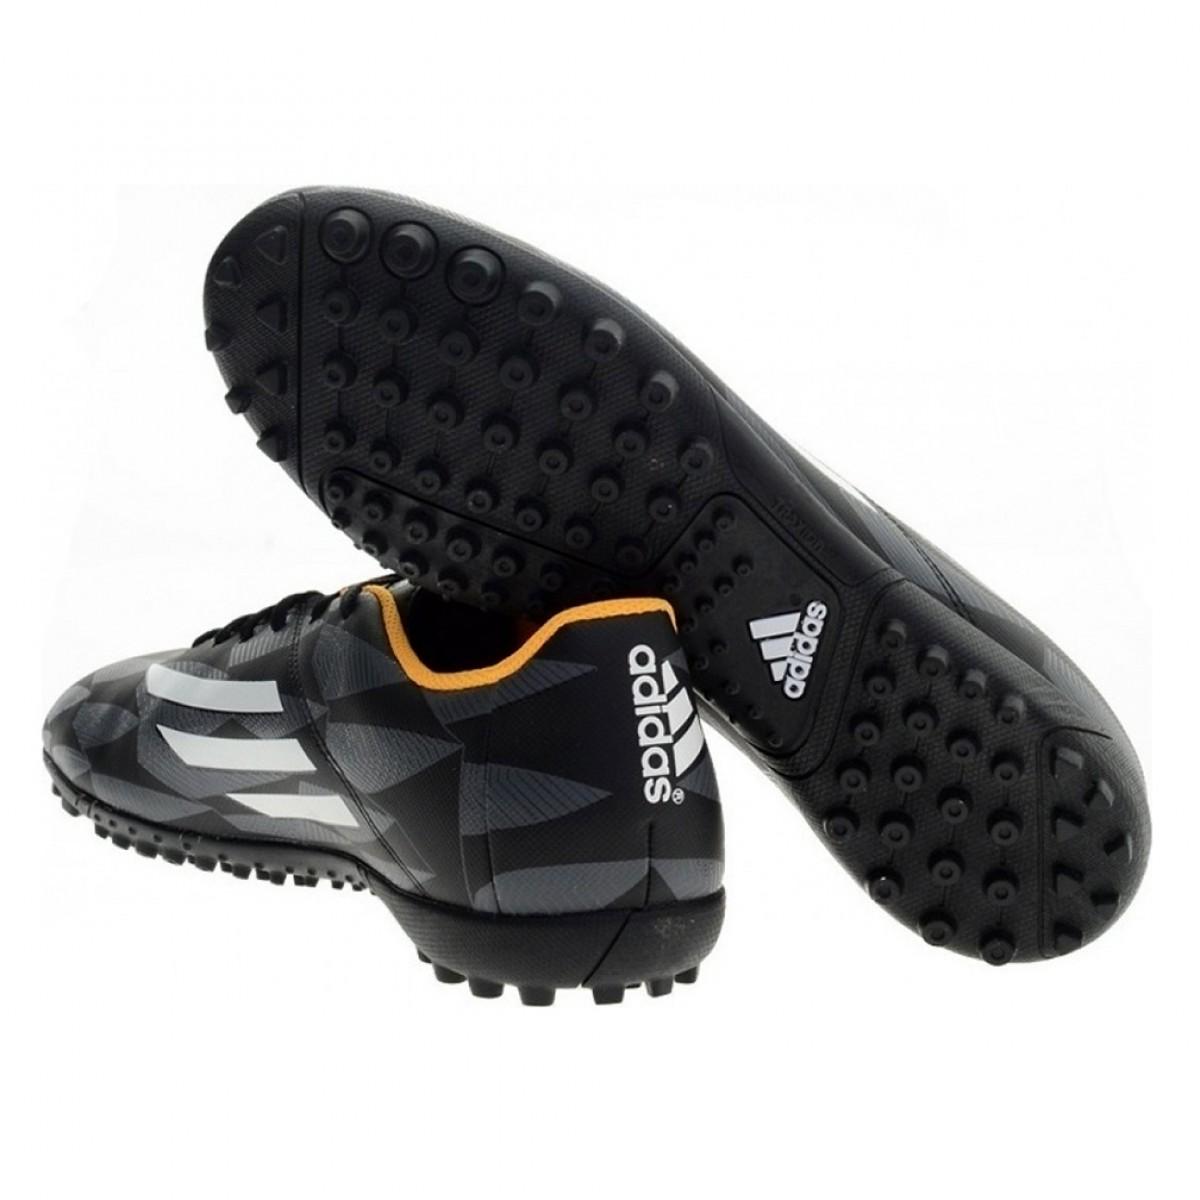 Chuteira Society Adidas F5 TF Masculina Preto Amarelo - Compre Agora ... 27c9af09571cc